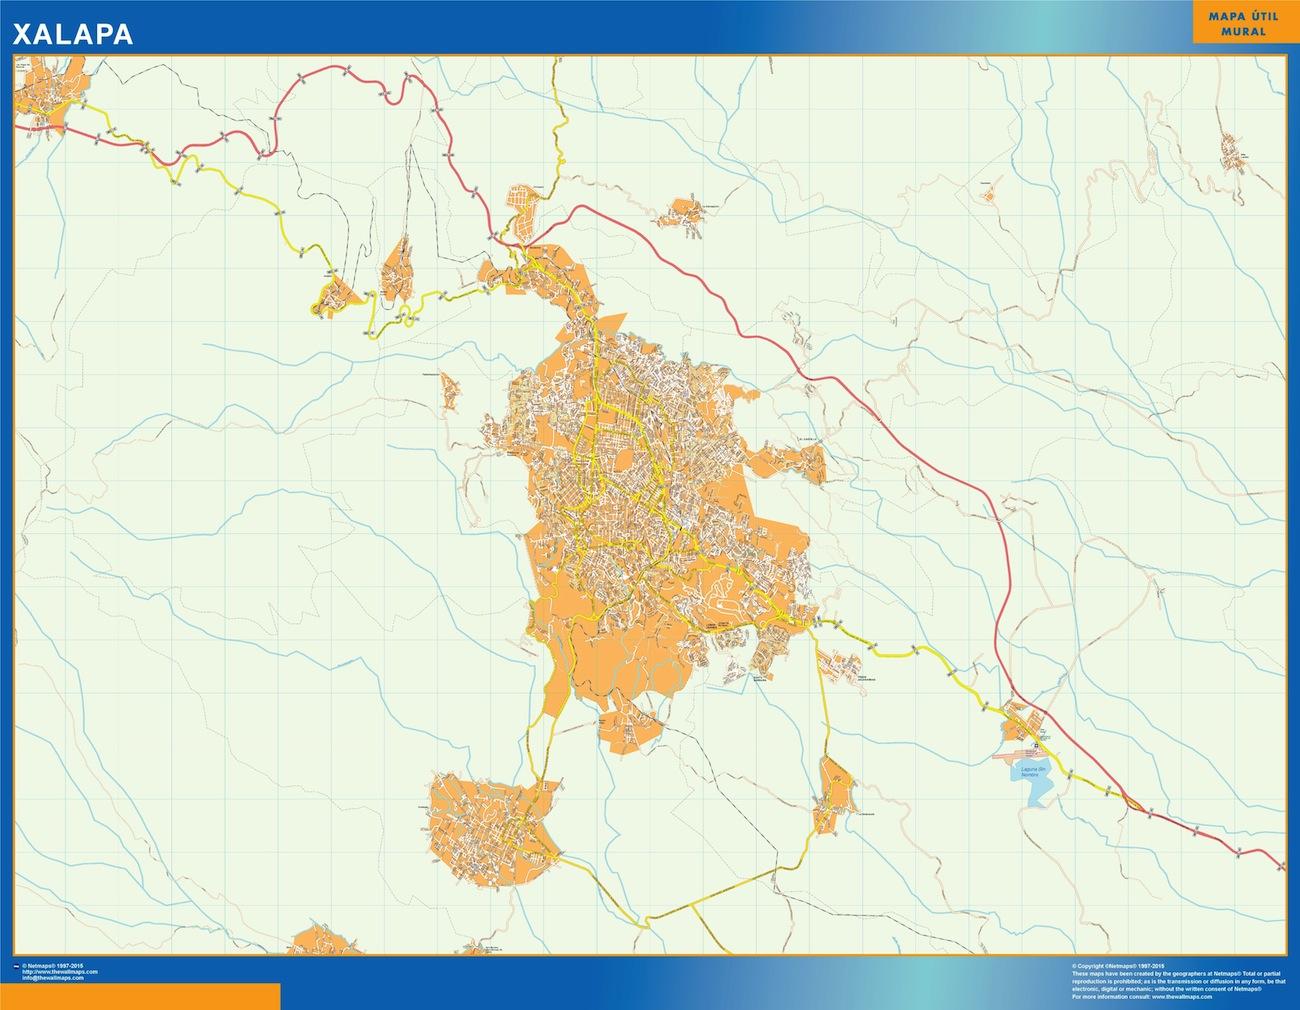 Mapa Xalapa en Mexico plastificado gigante